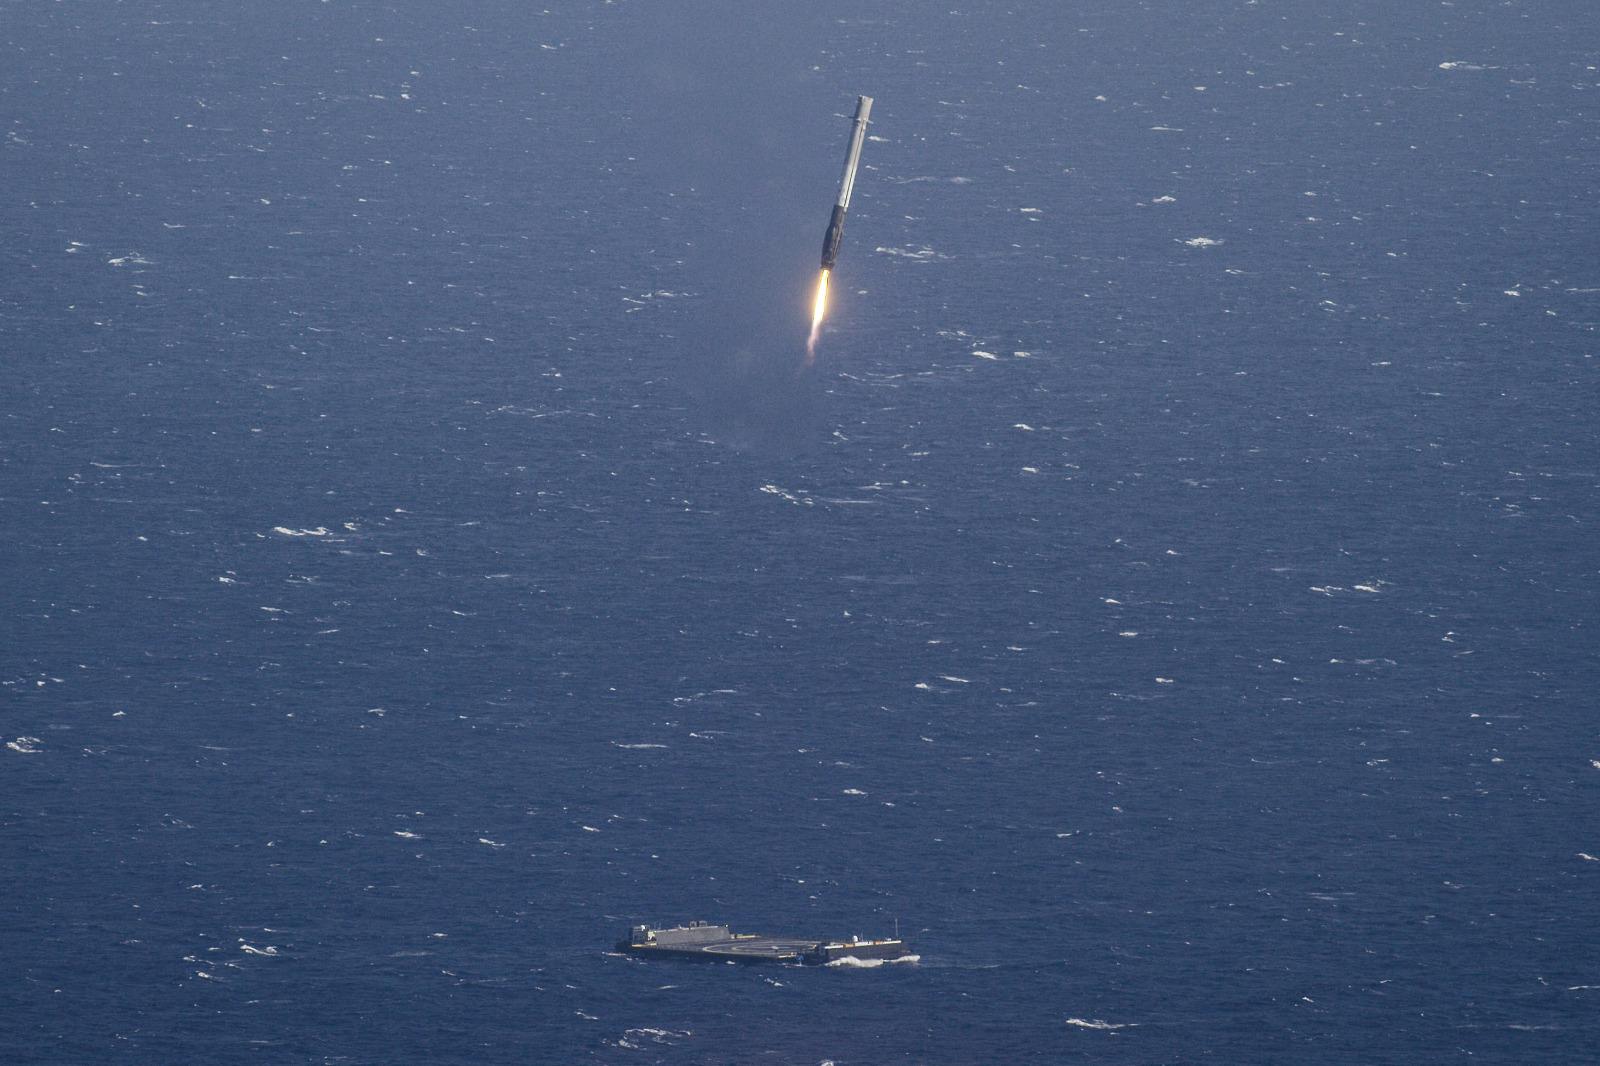 Geopolitica dello spazio: un falcon 9 che riatterra su una chiatta in mezzo all'oceano pacifico